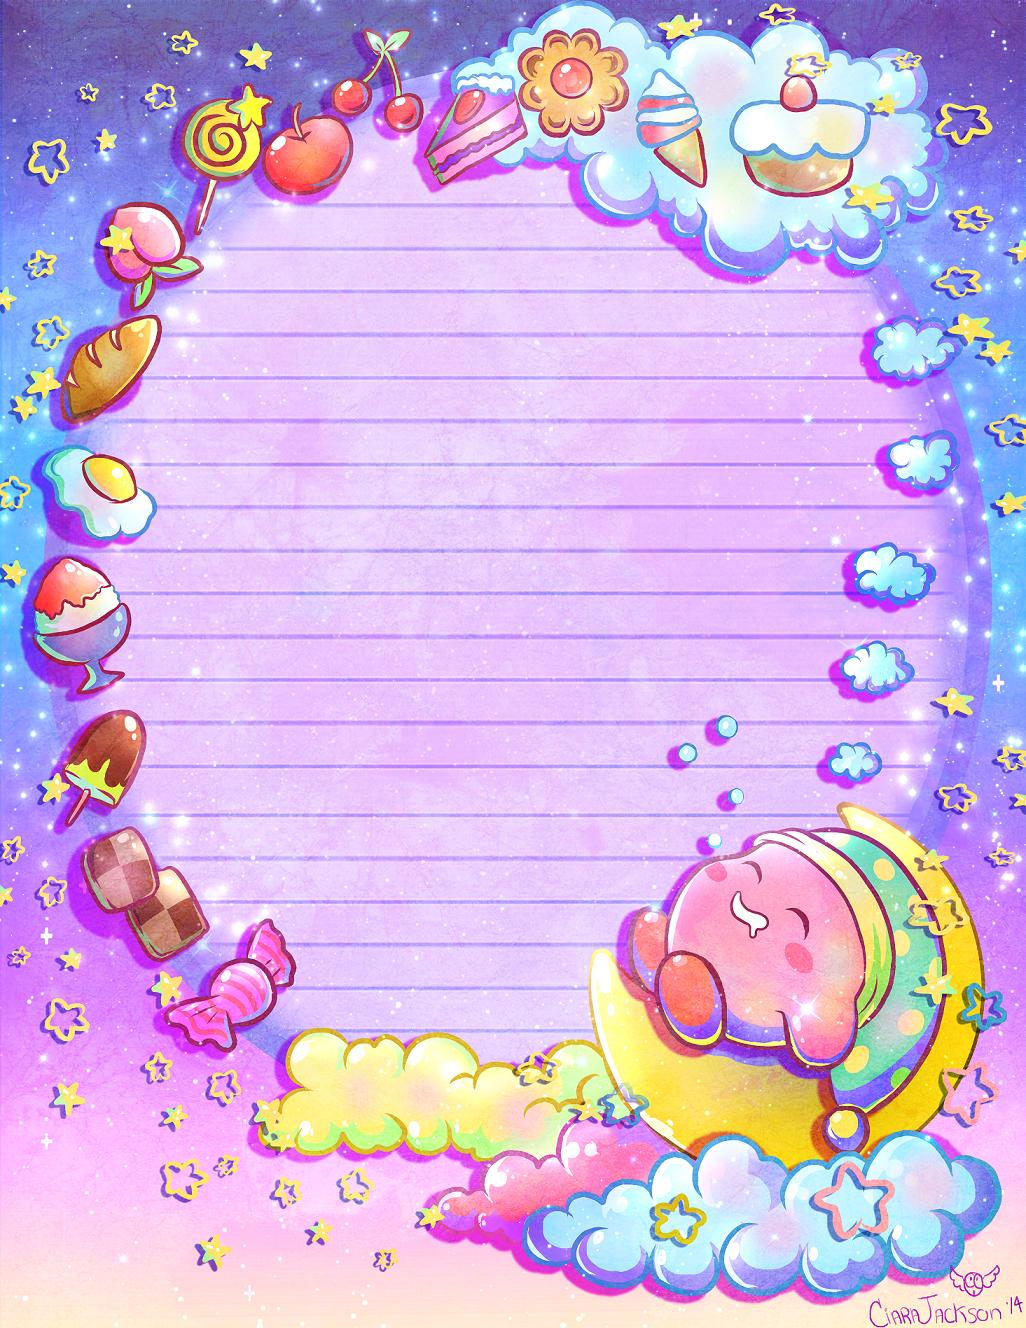 Sweet Dreams Kirby NotePaper